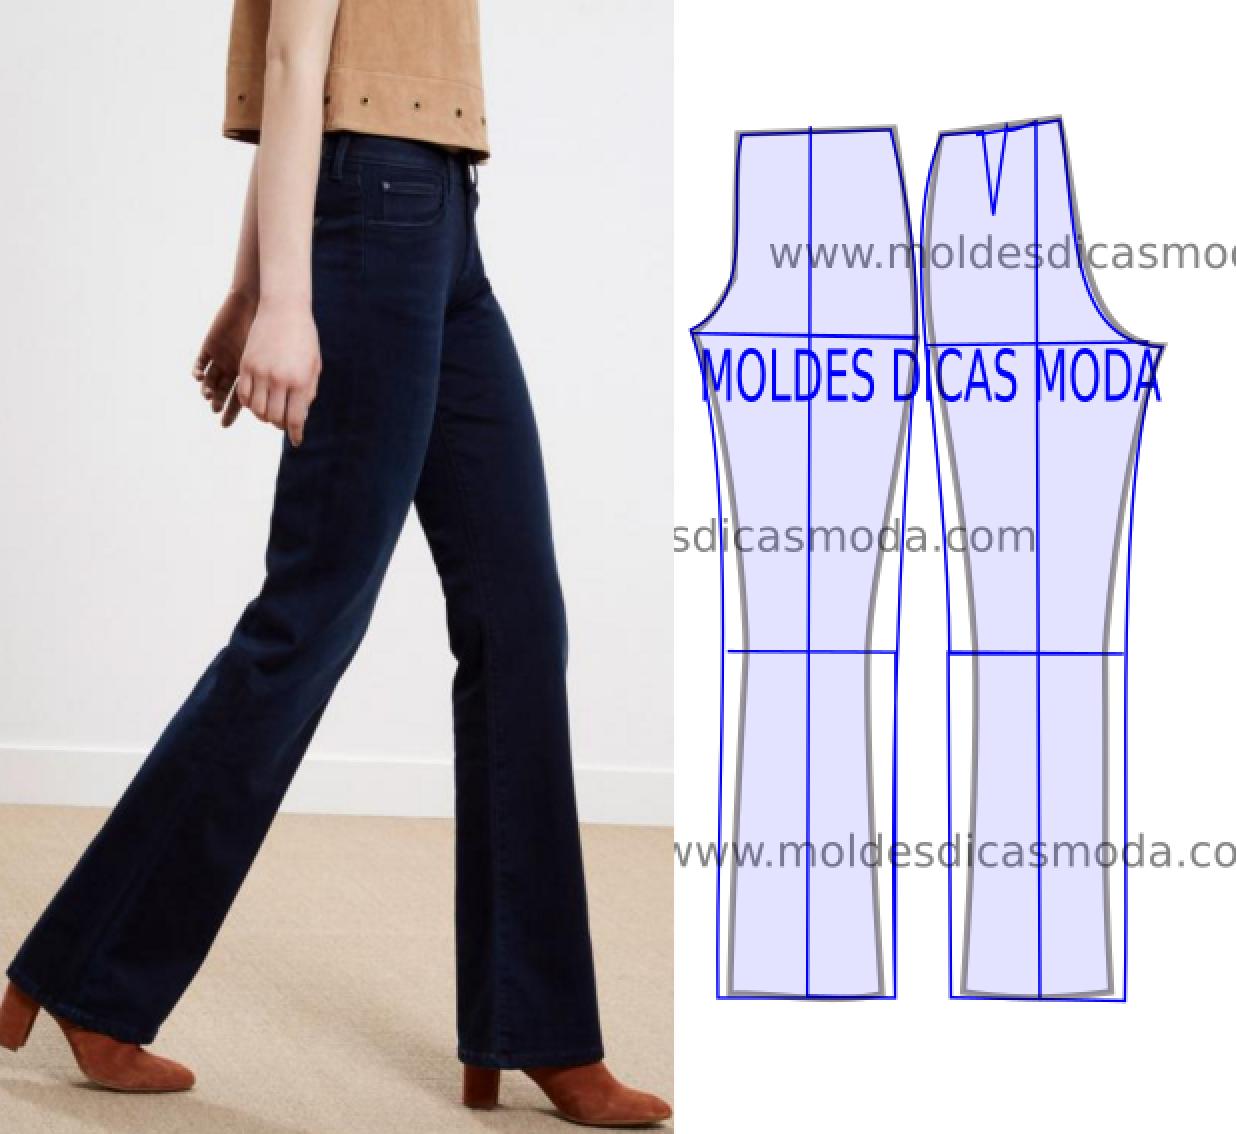 Detalhes e design de calзas